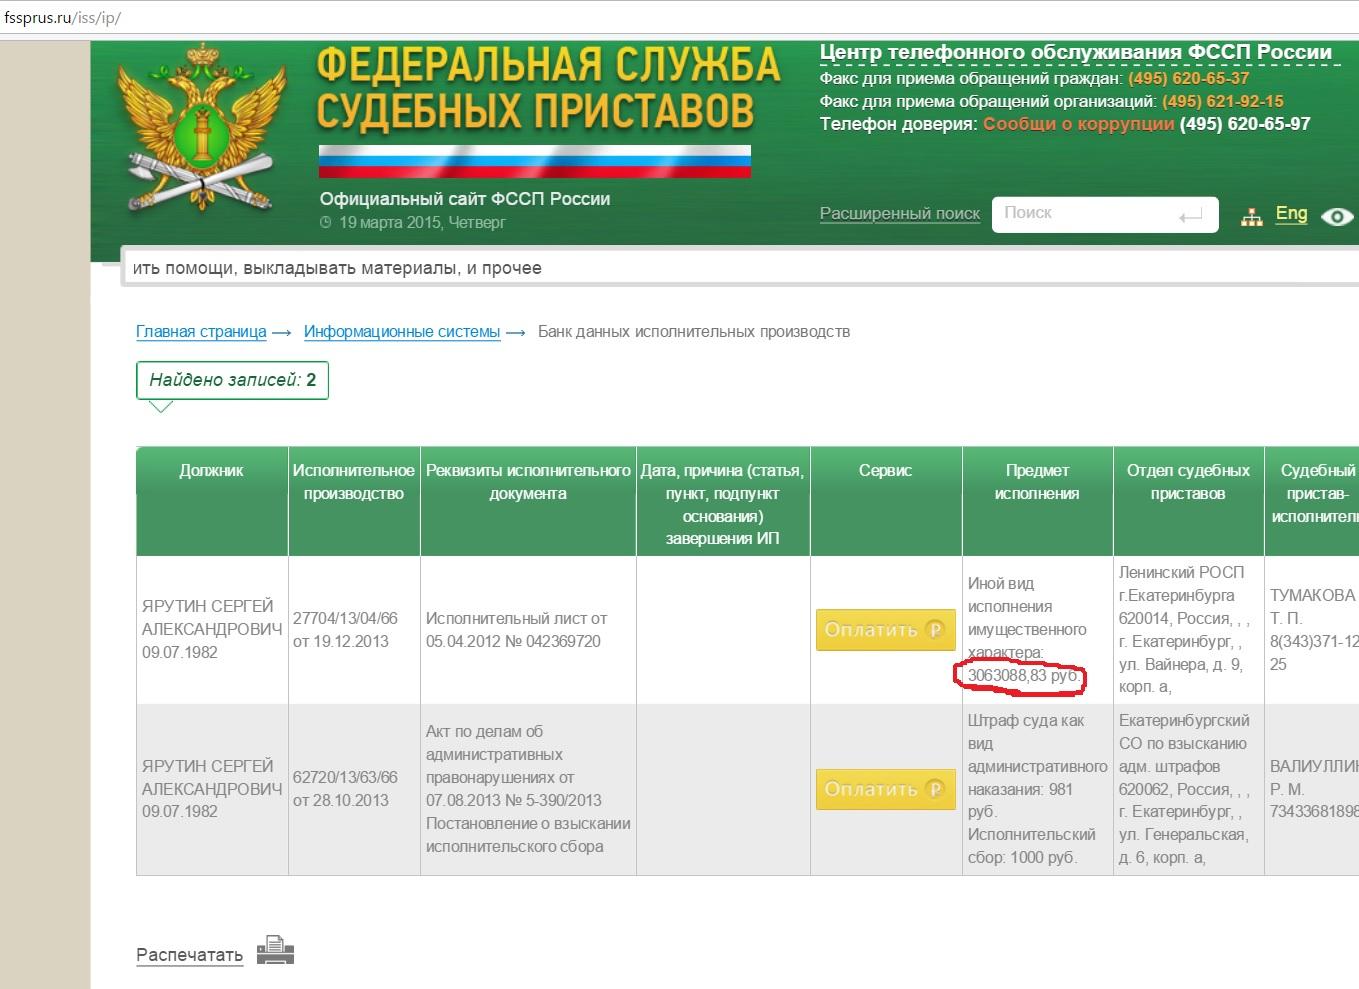 Парфенчиков Щебекин ФССП скандал Ярутин Бречалов ОНФ